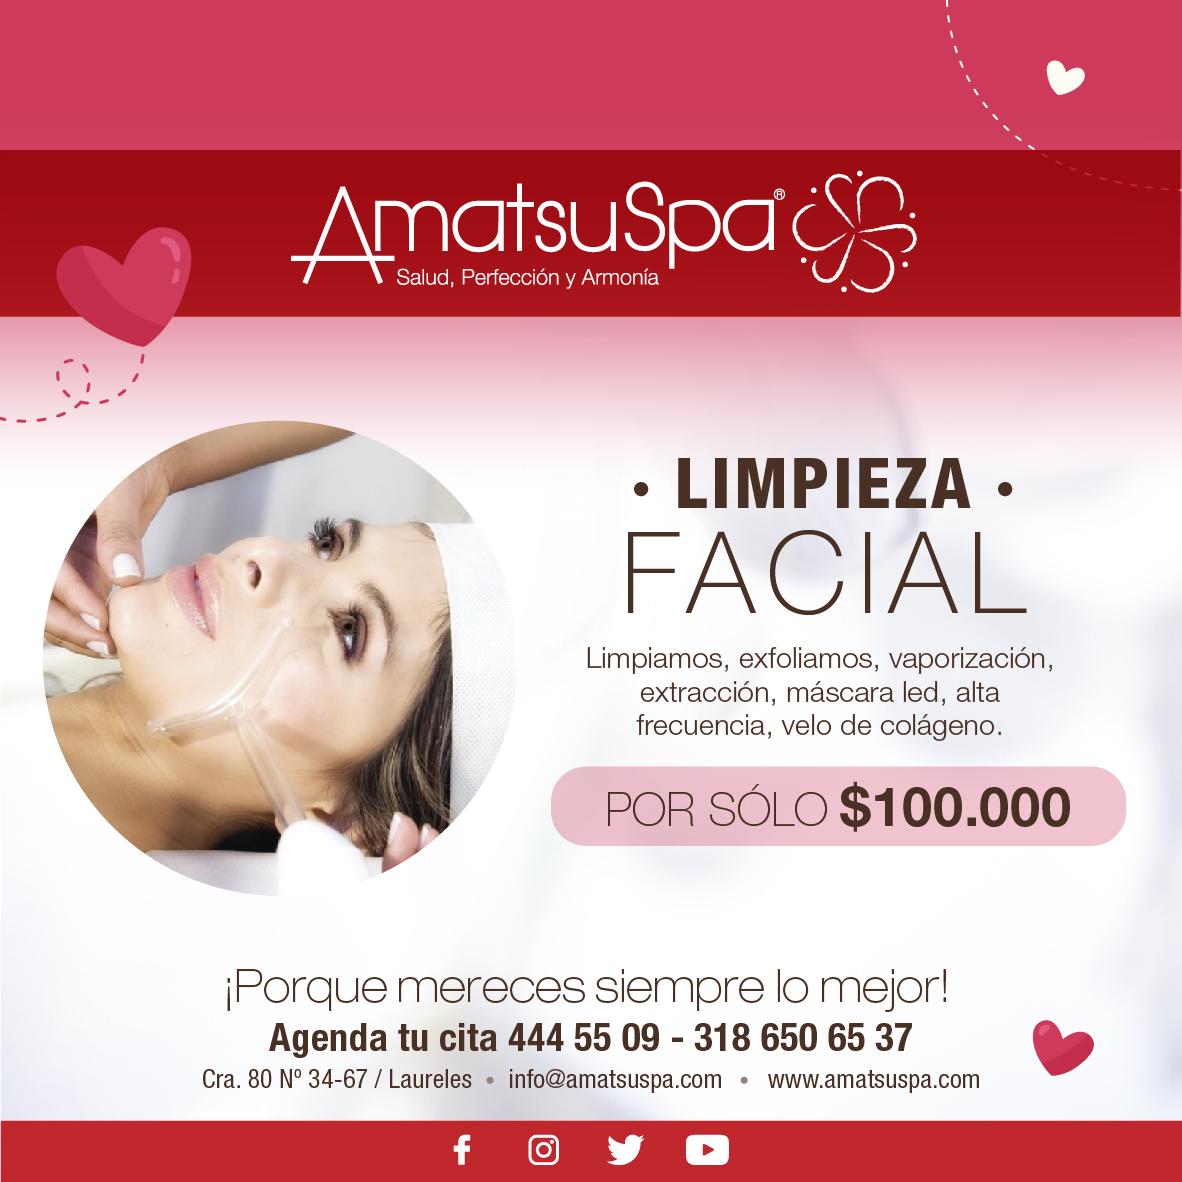 Limpieza Facial Spa Medellín